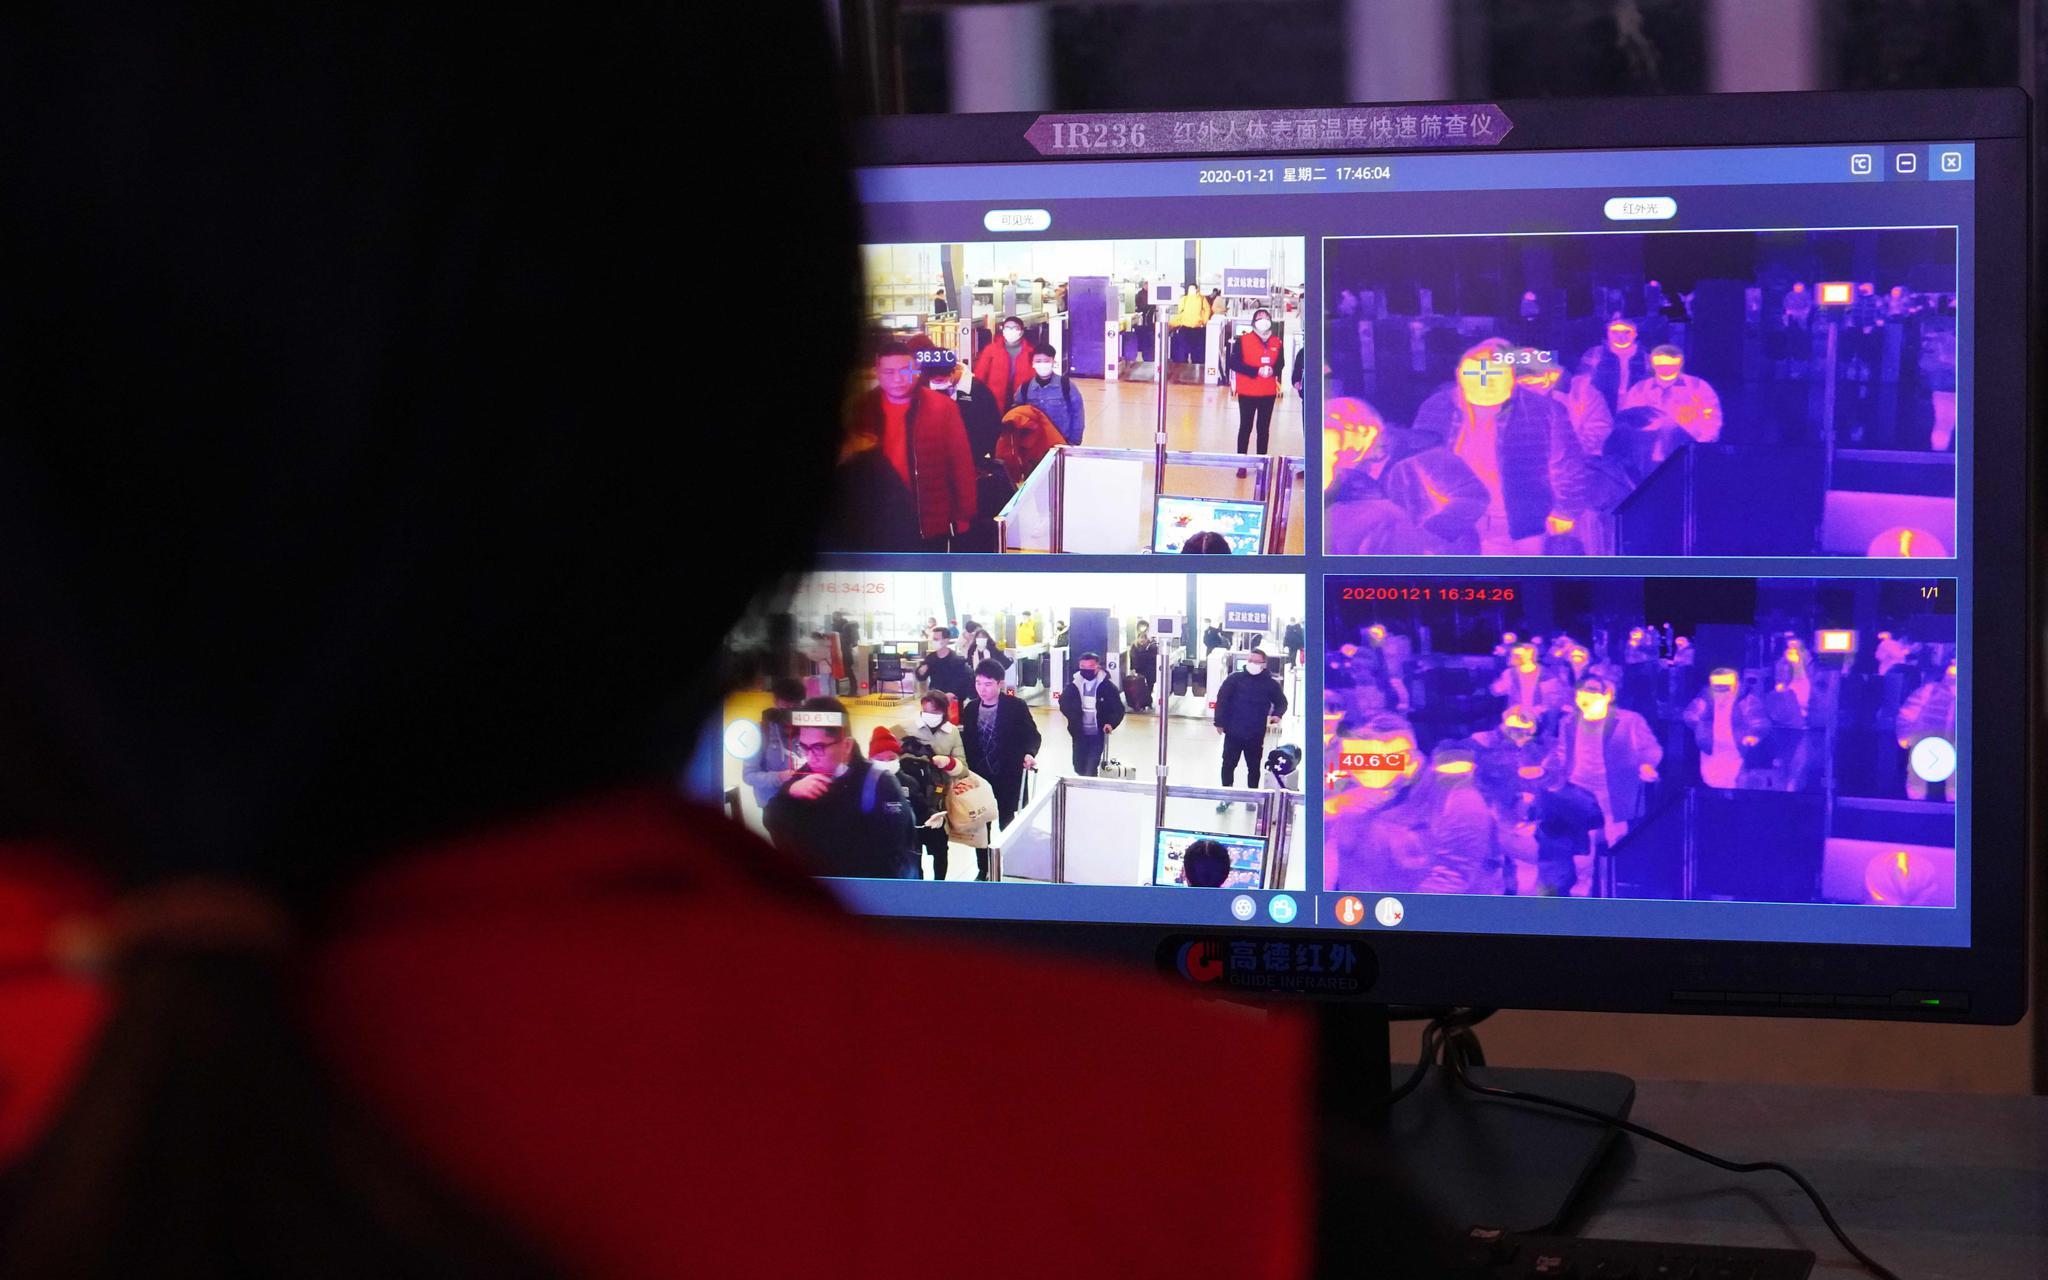 武汉火车站设16台红外检测仪,通过检测者方可进行安检图片